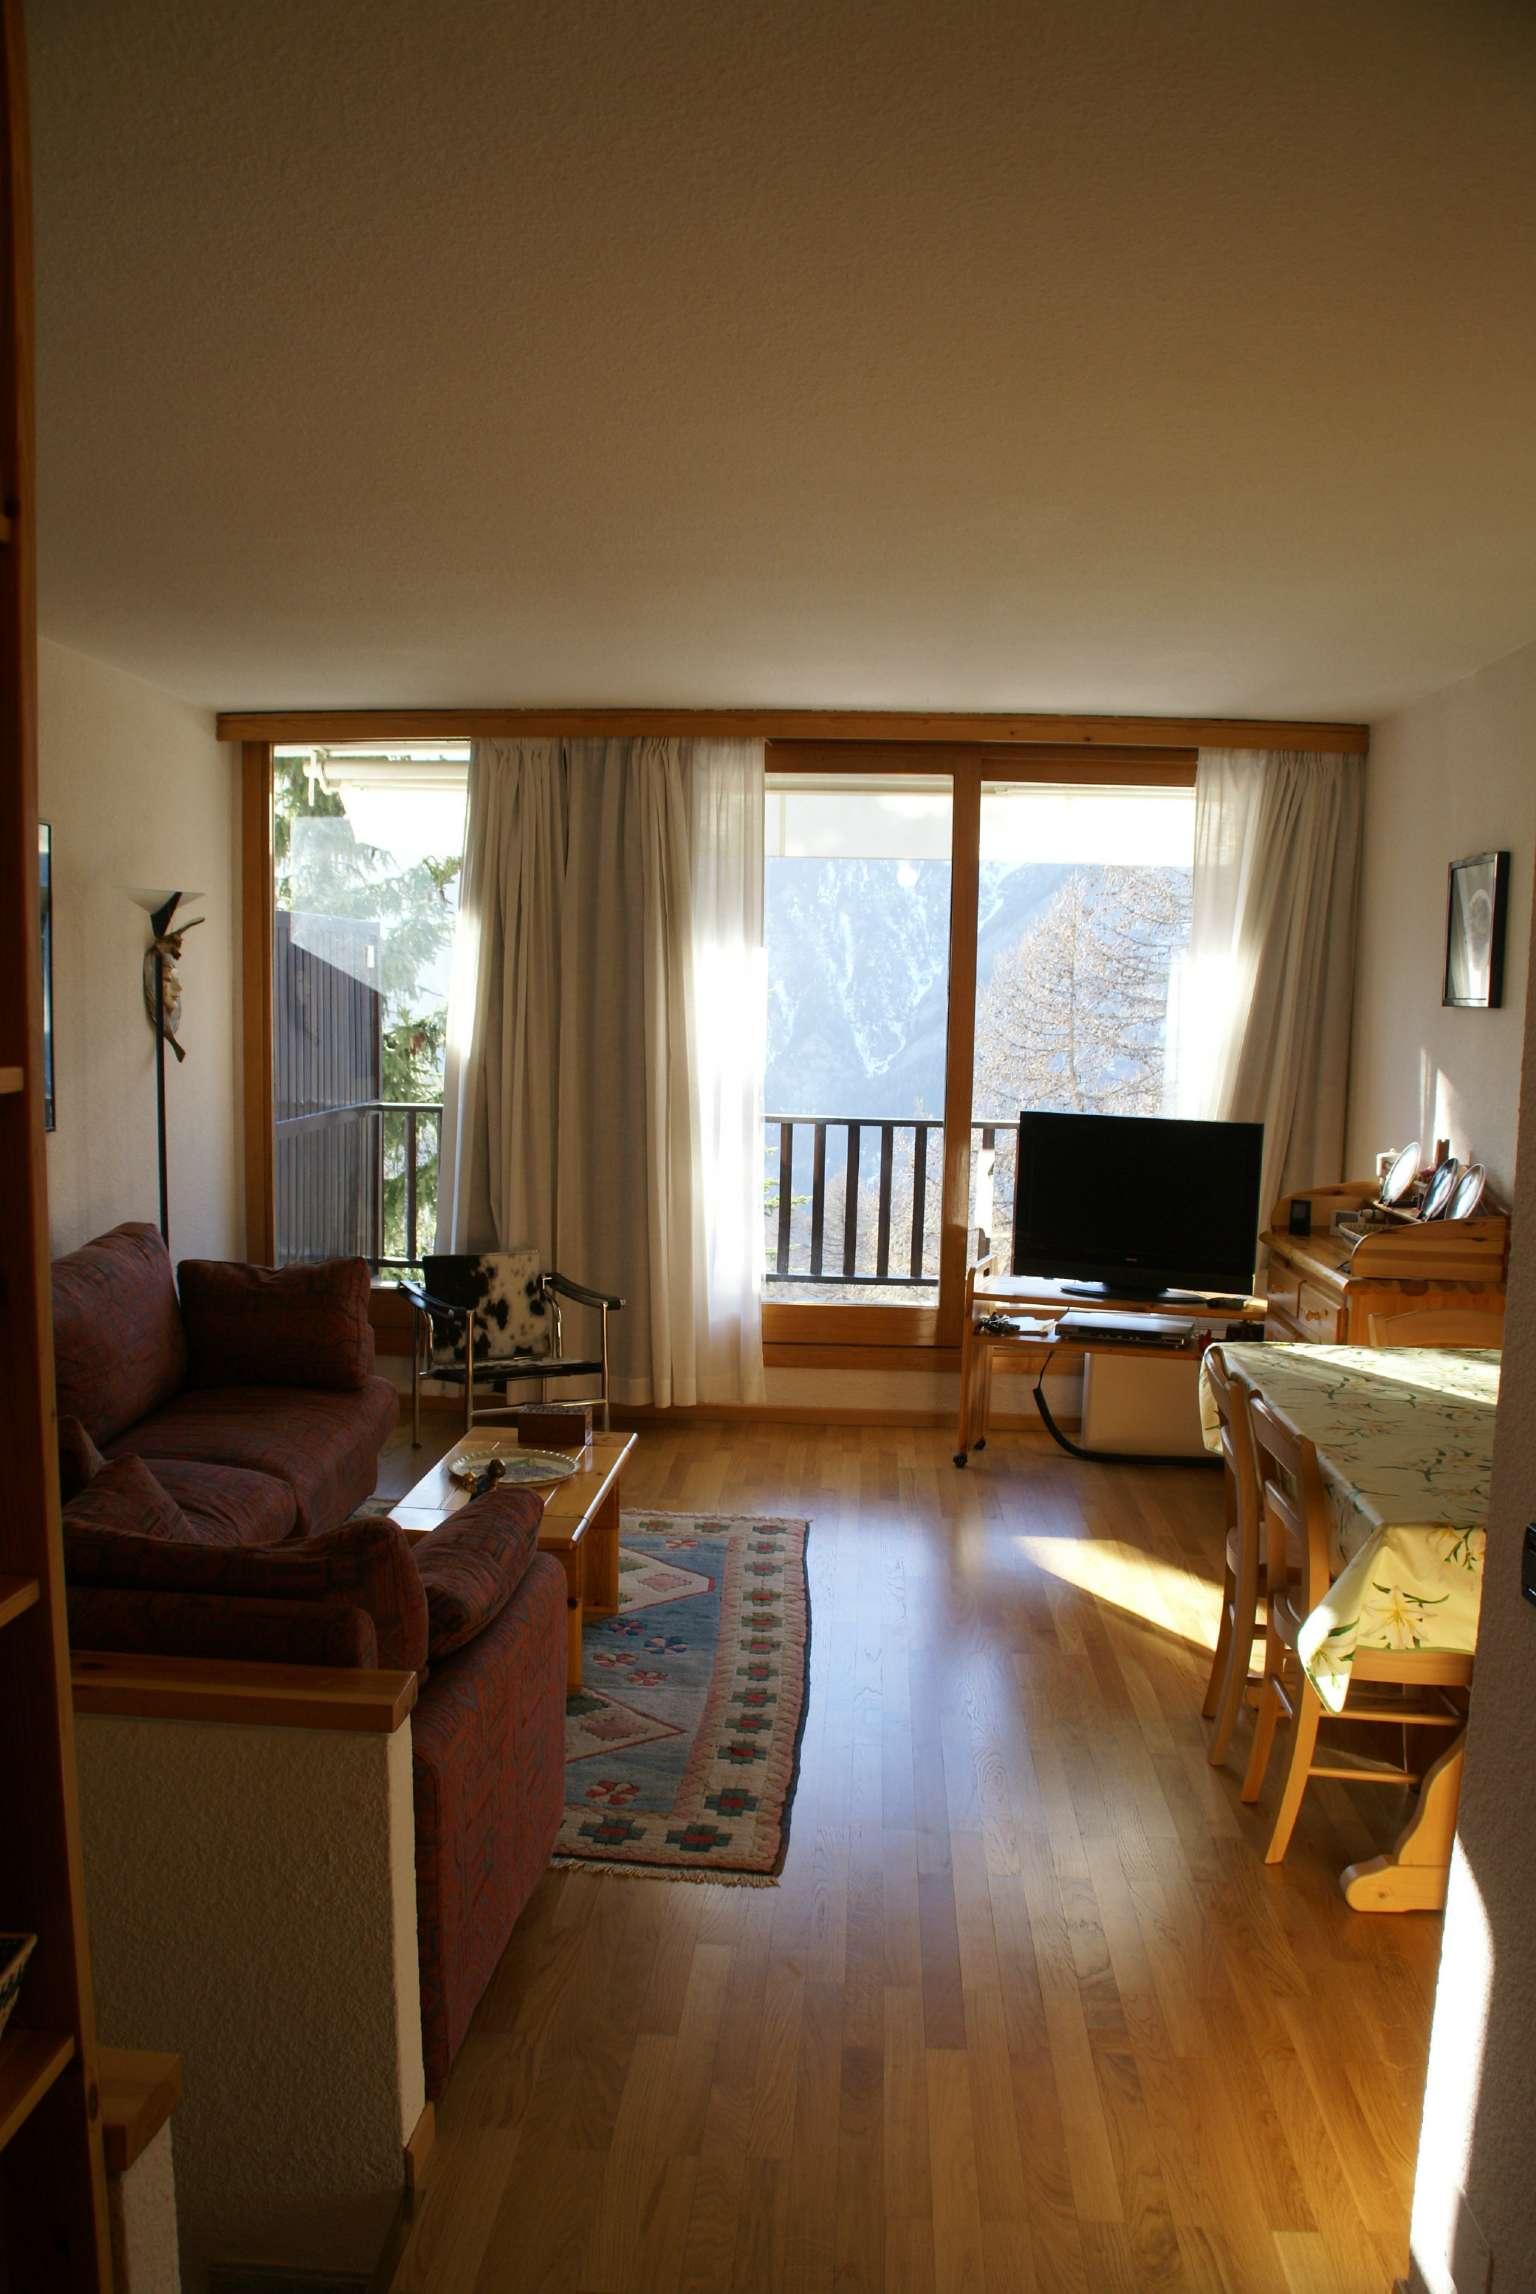 Foto 1 di Trilocale Sansicario Alto nel residence R9 B, frazione San Sicario Alto, Cesana Torinese